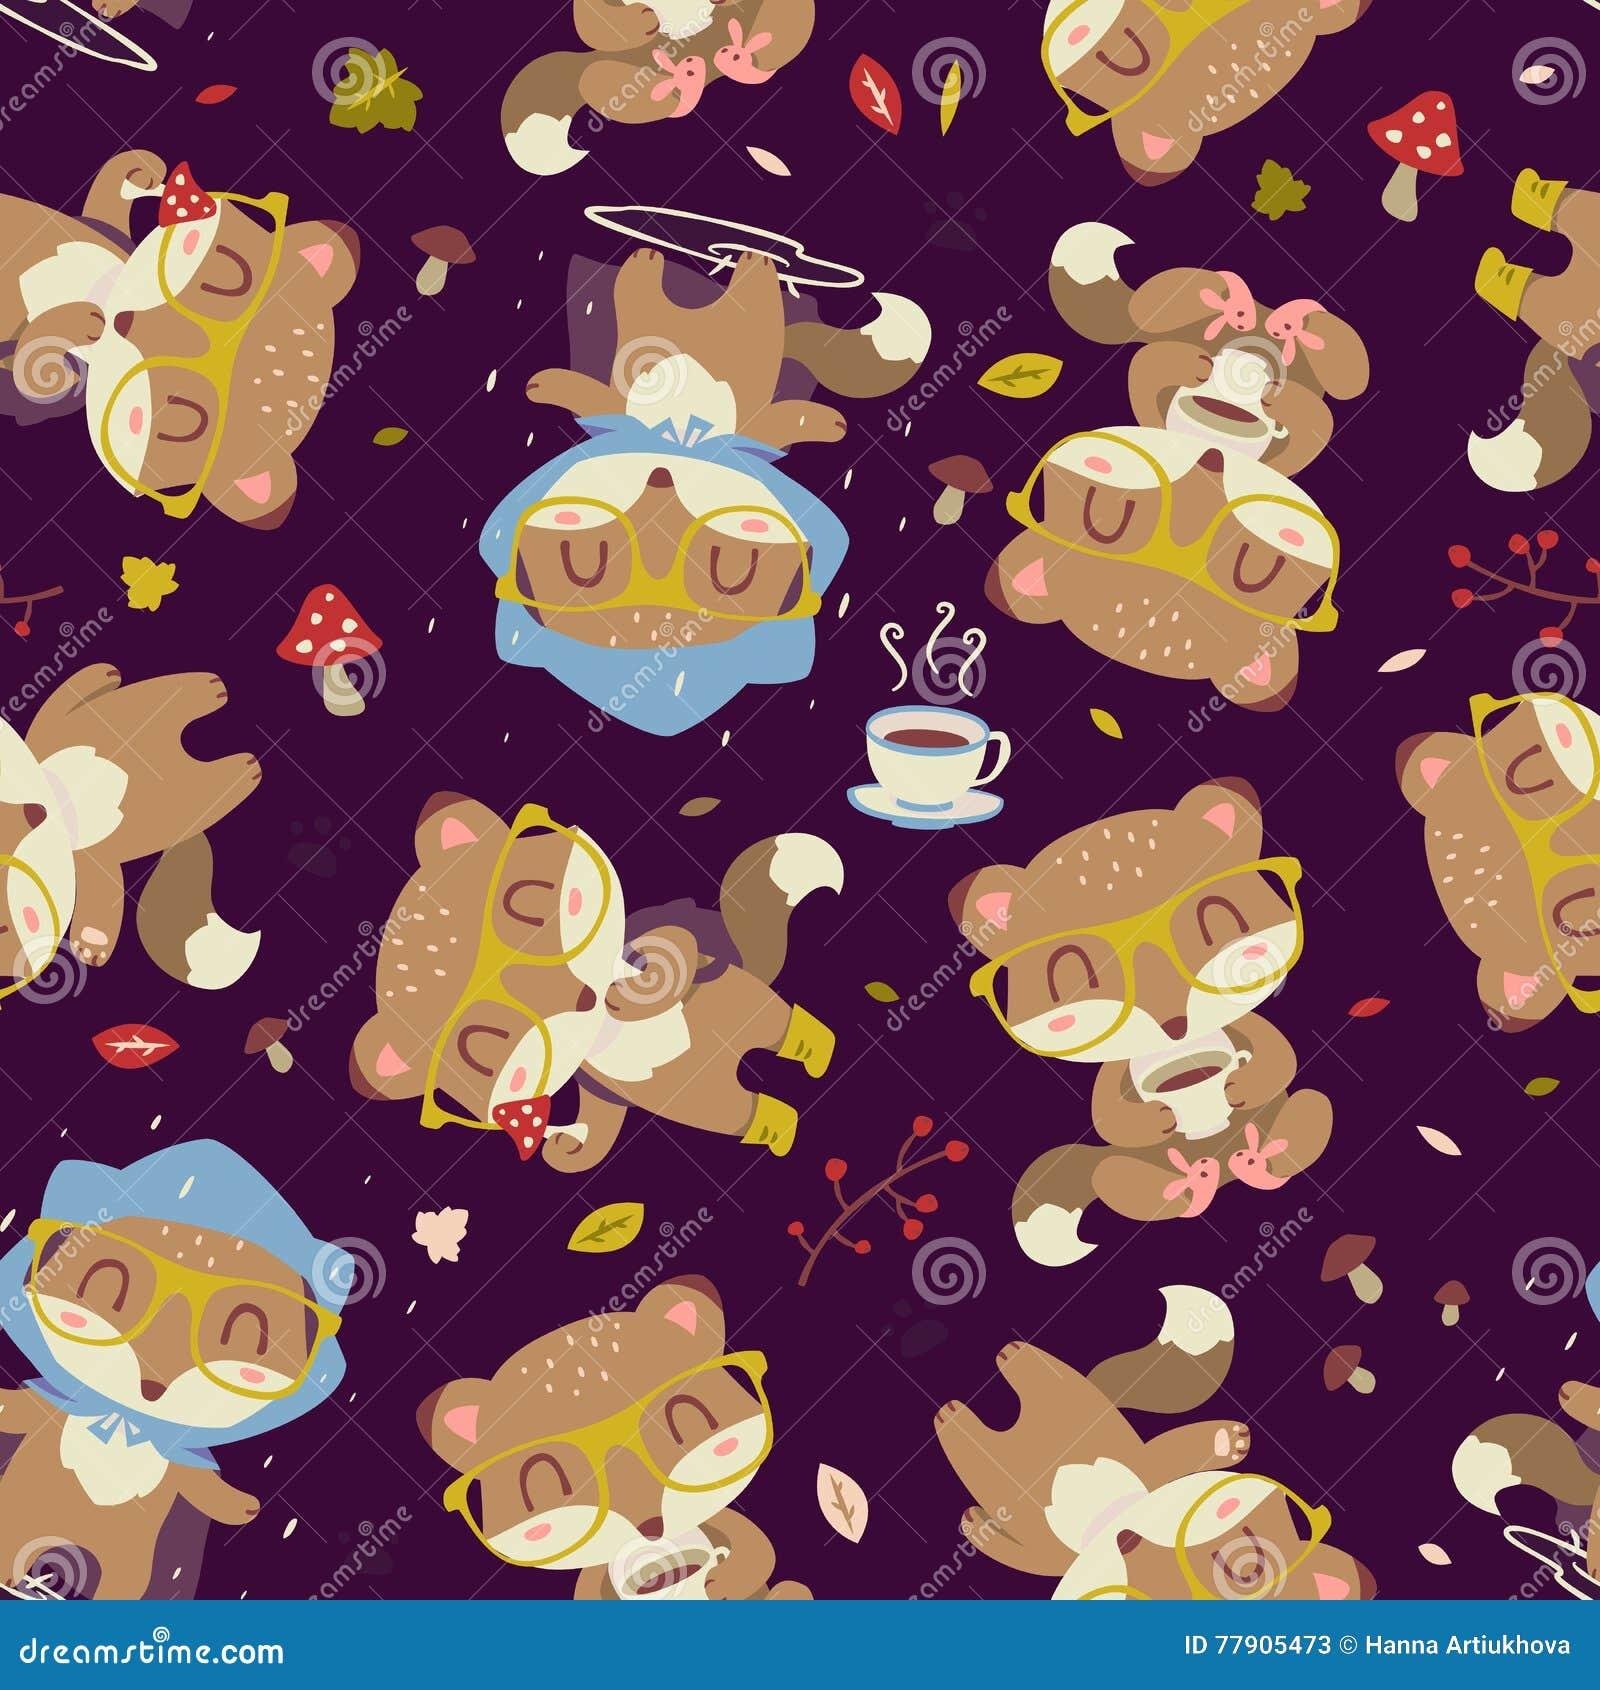 Cartoon fall fox pattern